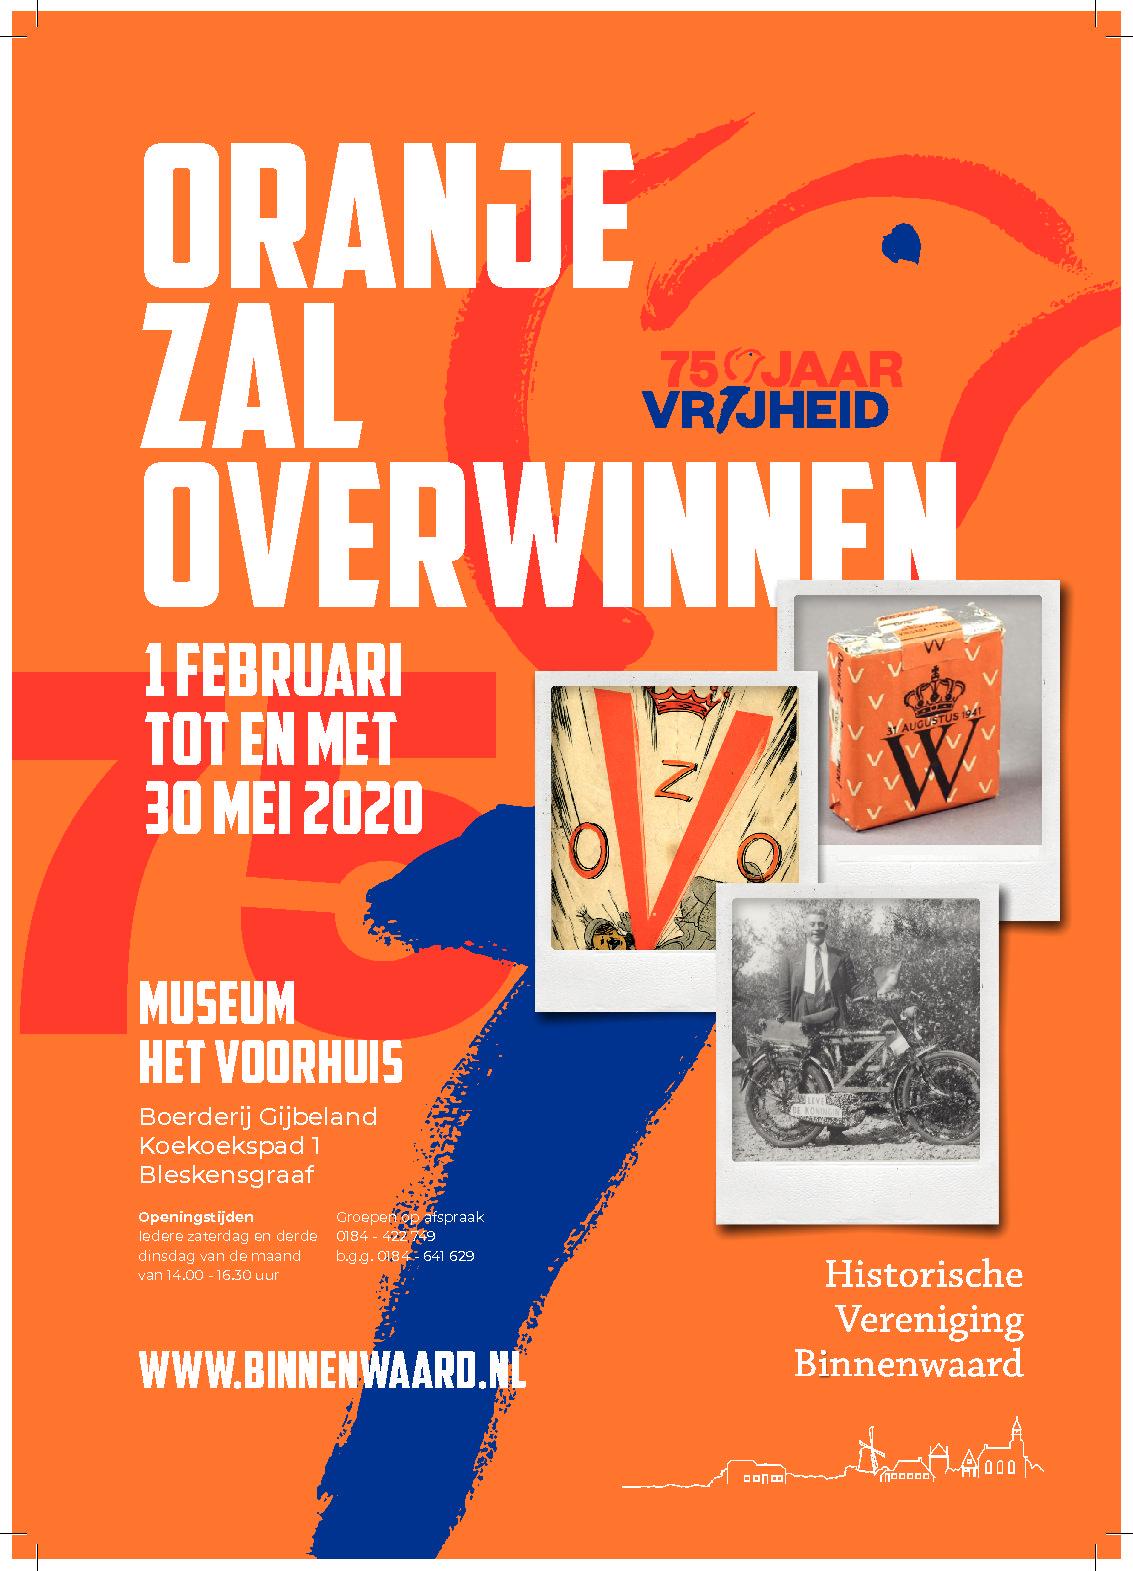 Expositie Oranje Zal Overwinnen van 1 februari tot en met 6 juni